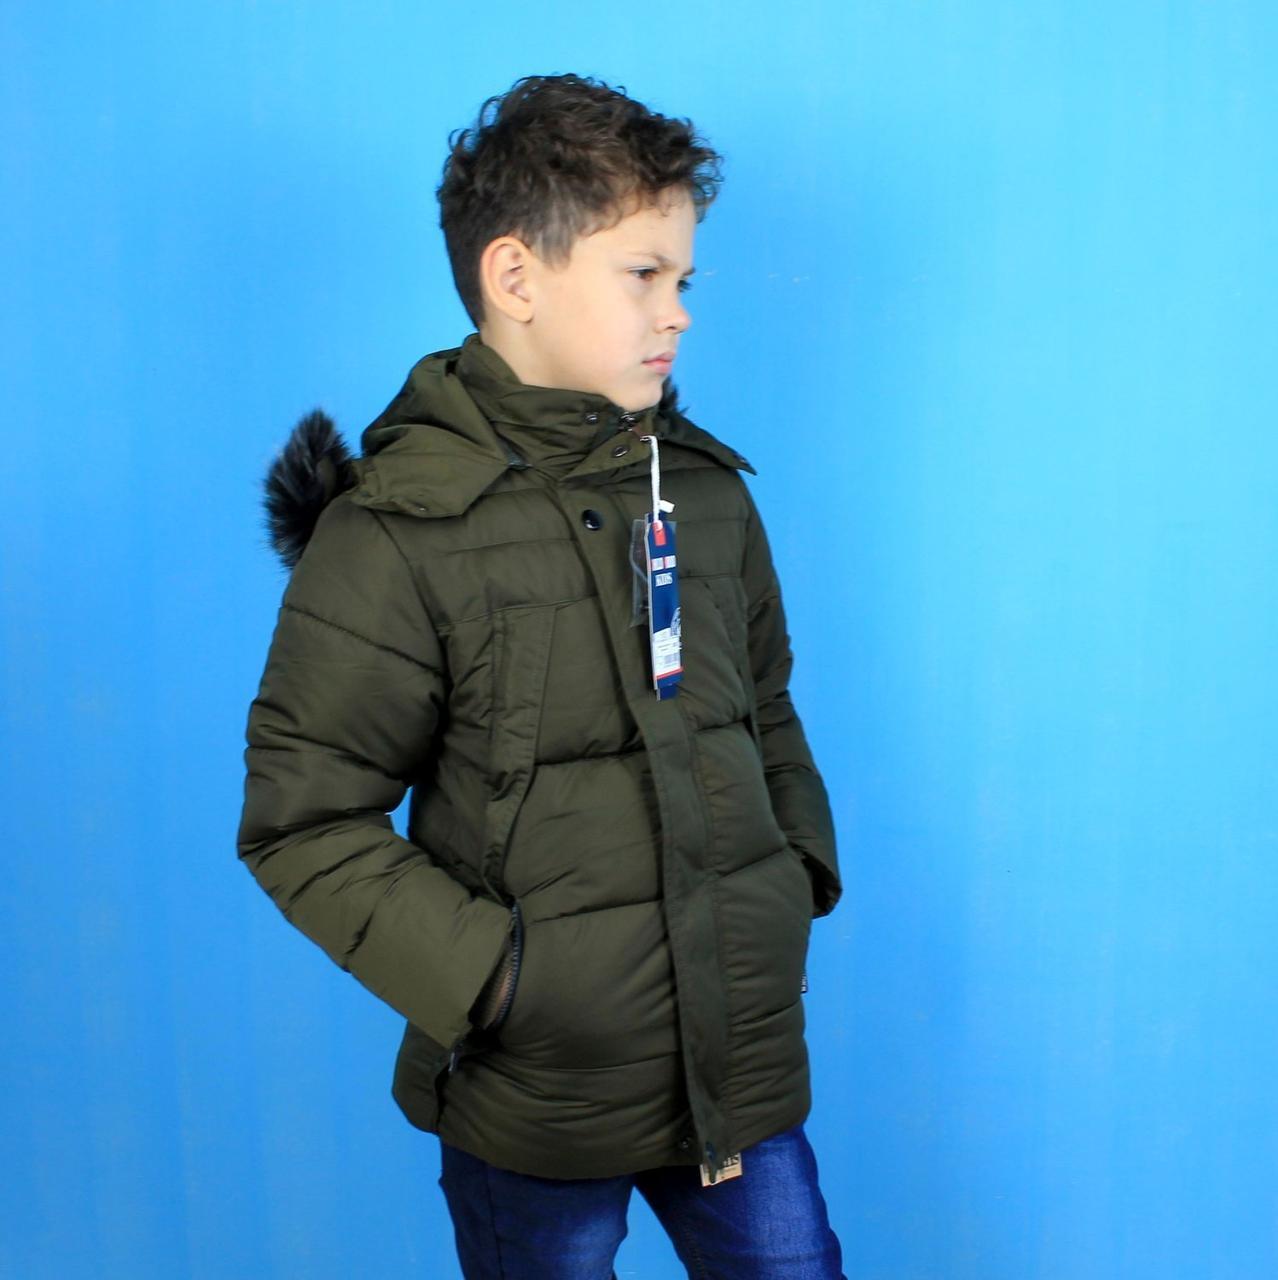 1716зел Зимняя куртка на мальчика Хаки с капюшоном и мехом тм Child Hood размер 4,10 лет